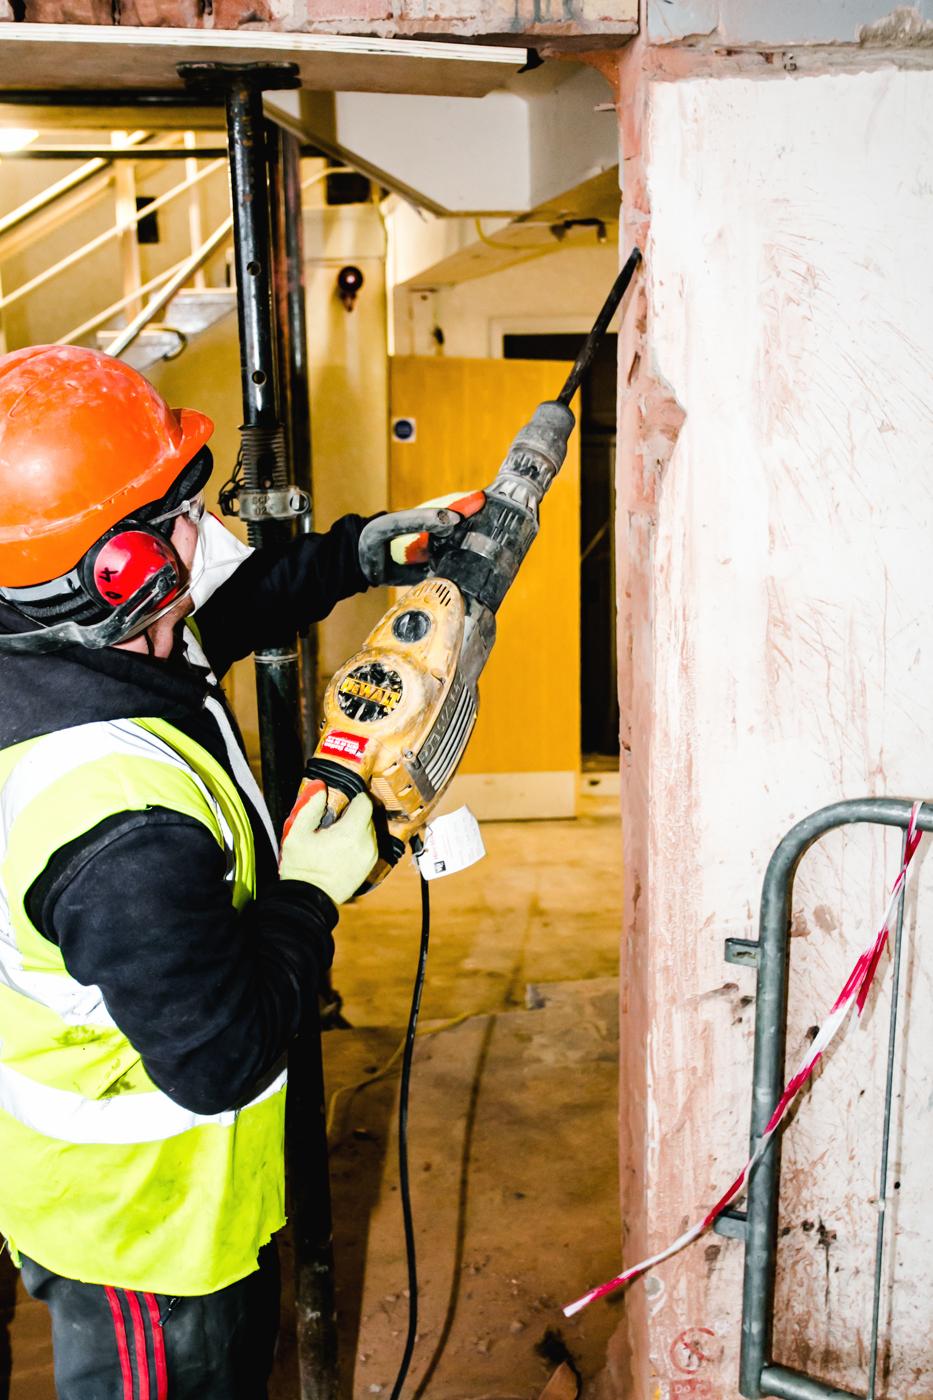 030 - ProDEM Demolition & Asbestos Limited www.prodemolition.co.uk - Business Services by Pamela and Mark Pugh Team MP - www.mpmedia.co.uk -0145.JPG